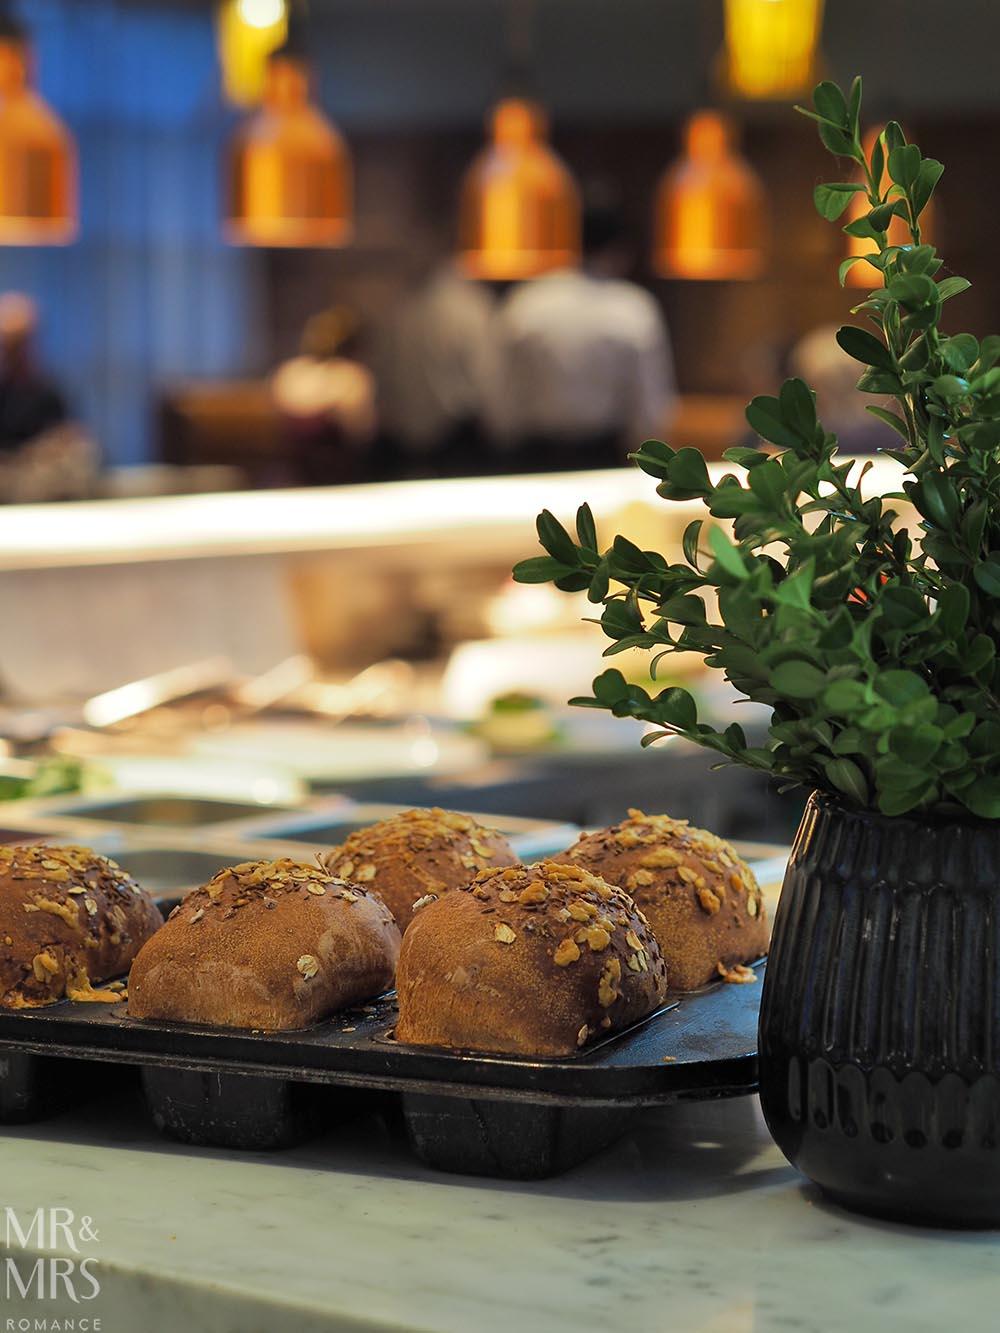 Workshop Kitchen at Powerhouse Hotel Tamworth - best steak in Australia - fresh bread